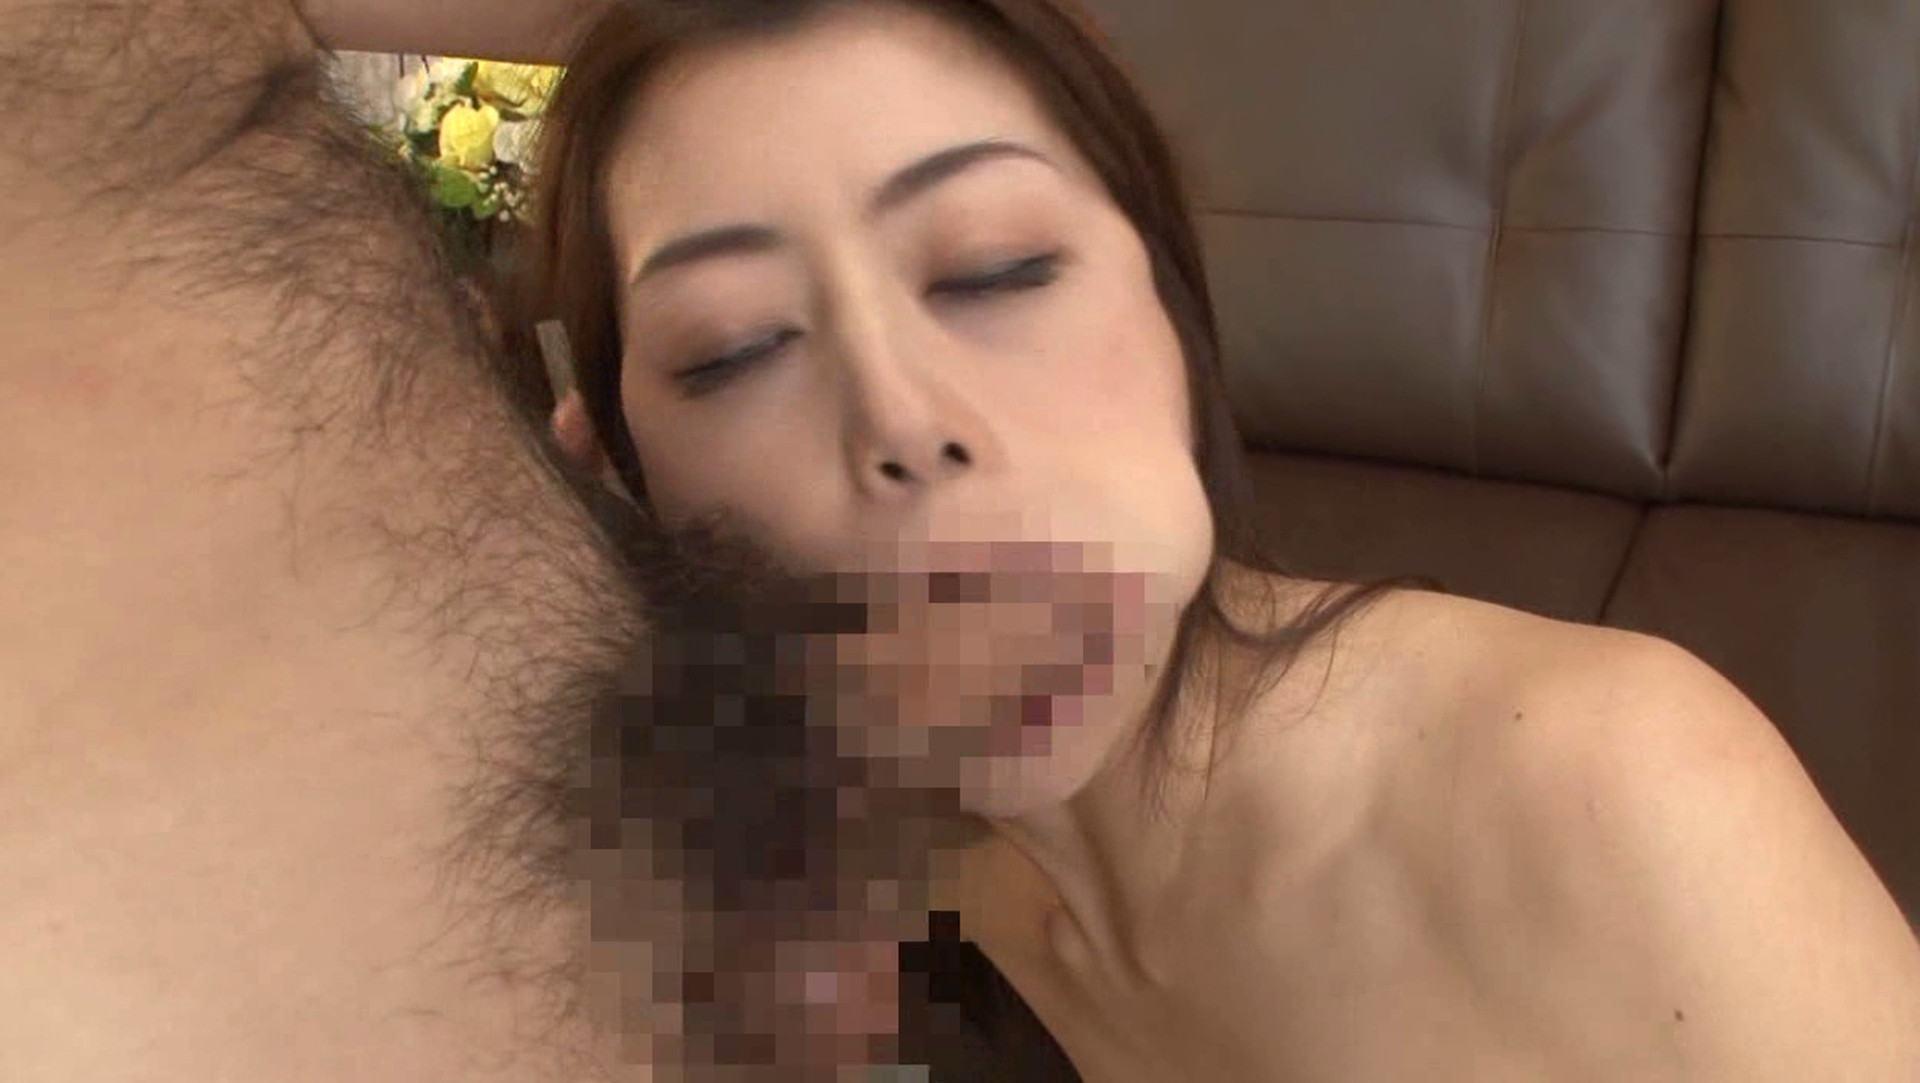 人気美熟女AV女優の北条麻妃さんが娘婿のチンポをフェラしているエロ画像